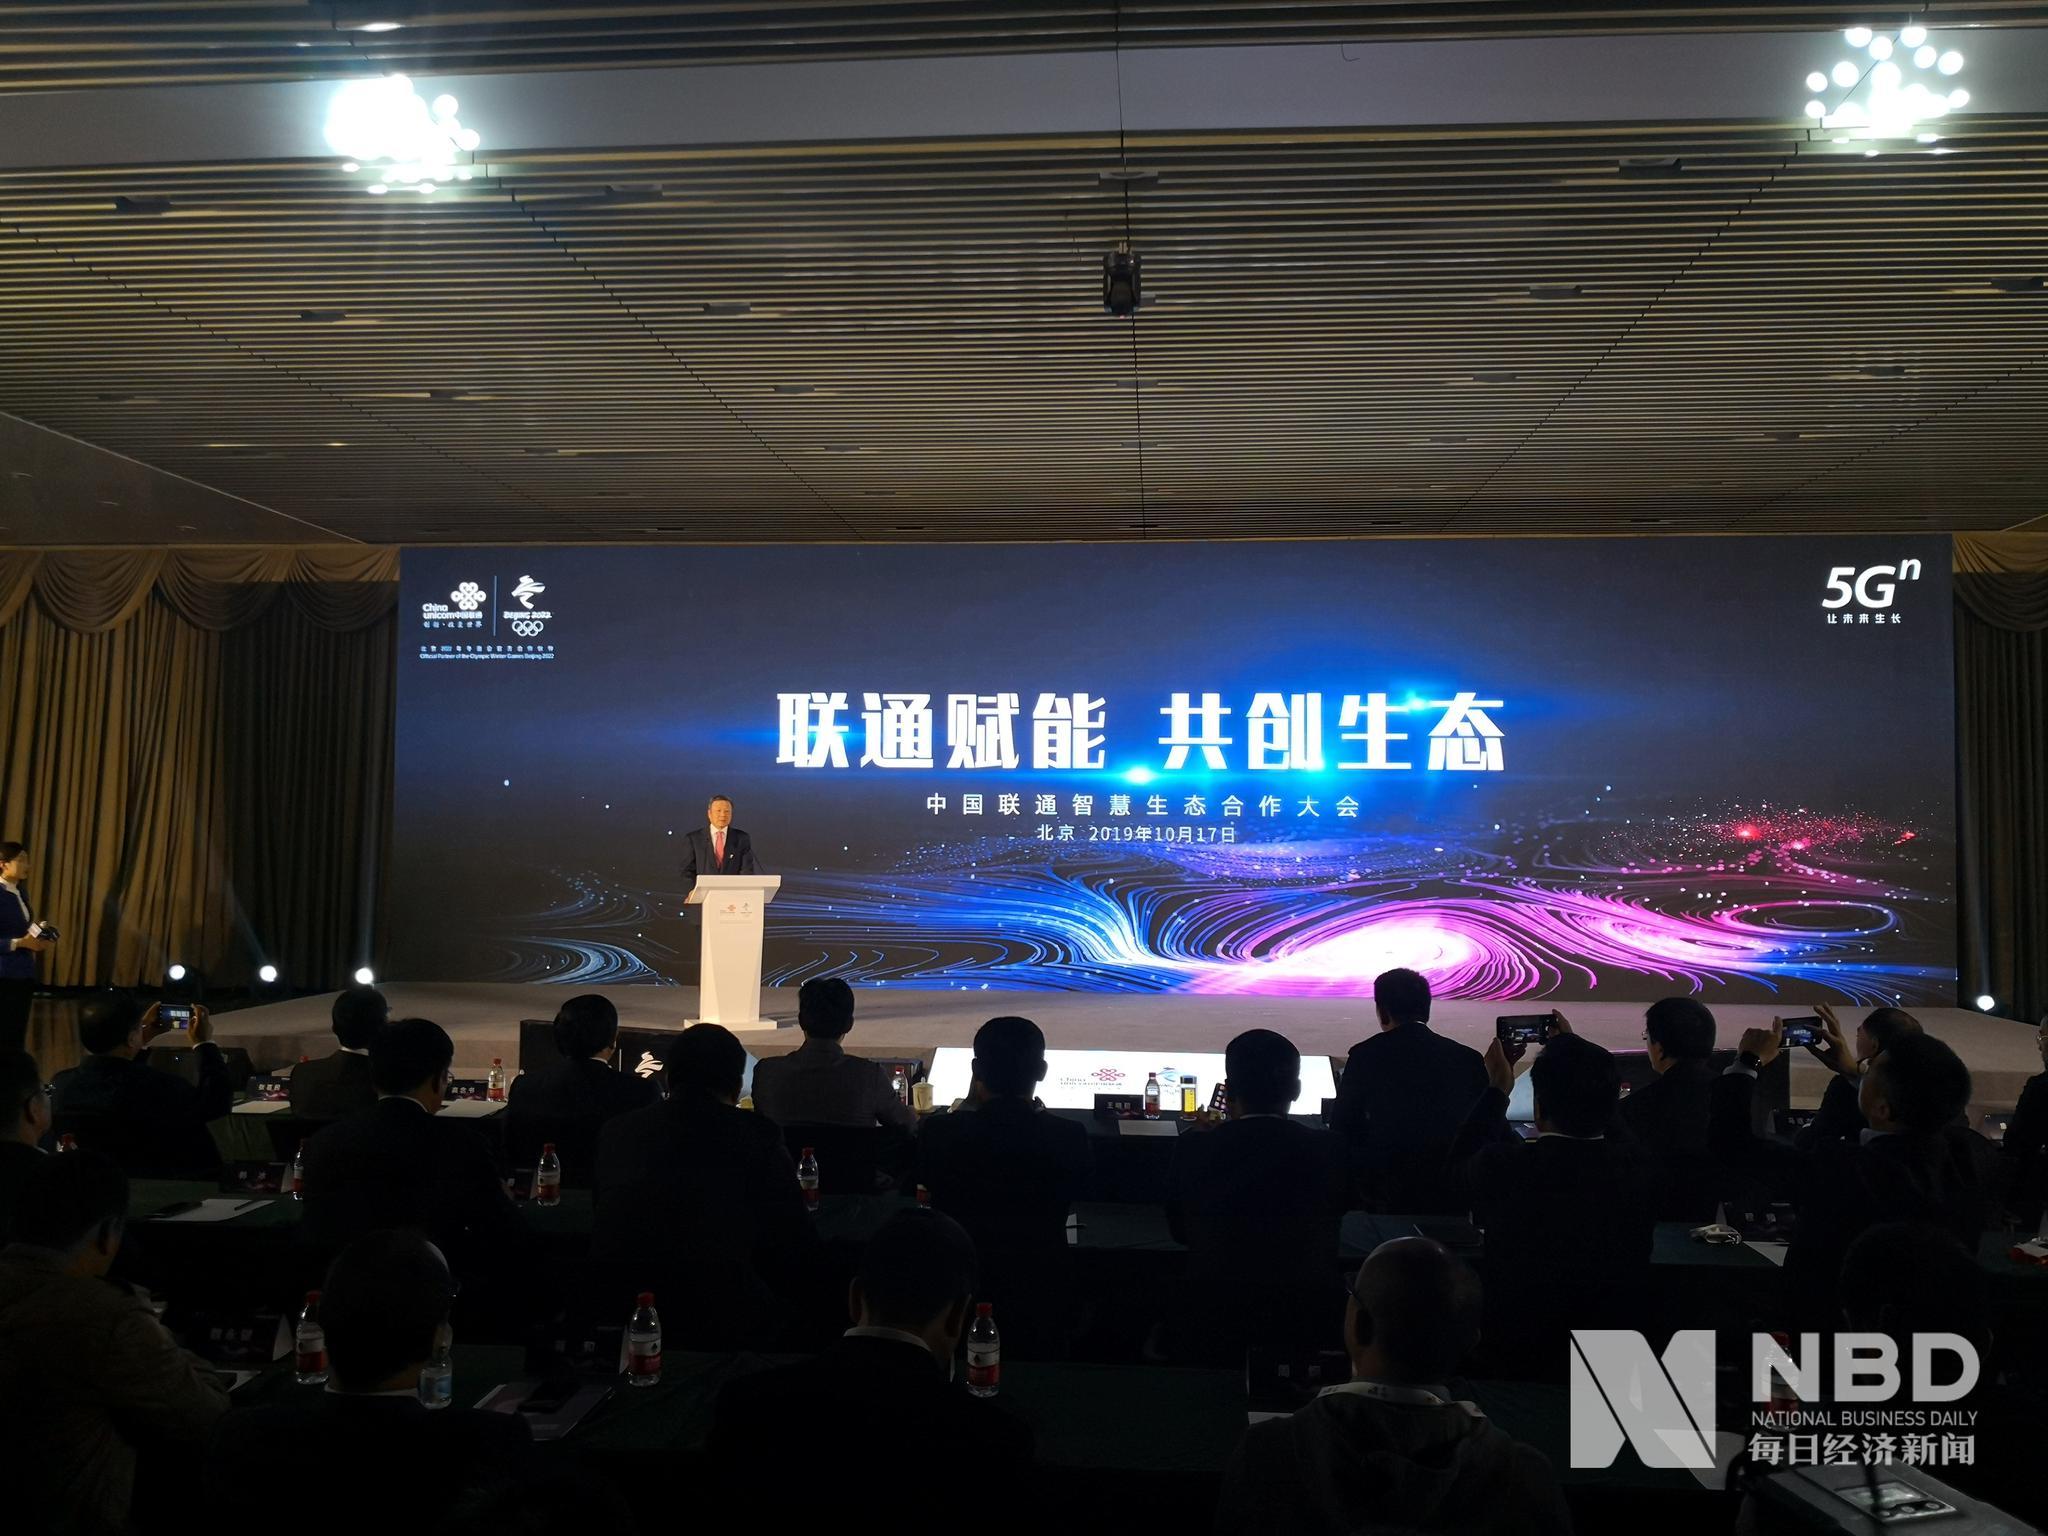 中国联通董事长王晓初:联通今年目标建设5万个5G基站,与中国电信合建使联通5G覆盖范围翻倍